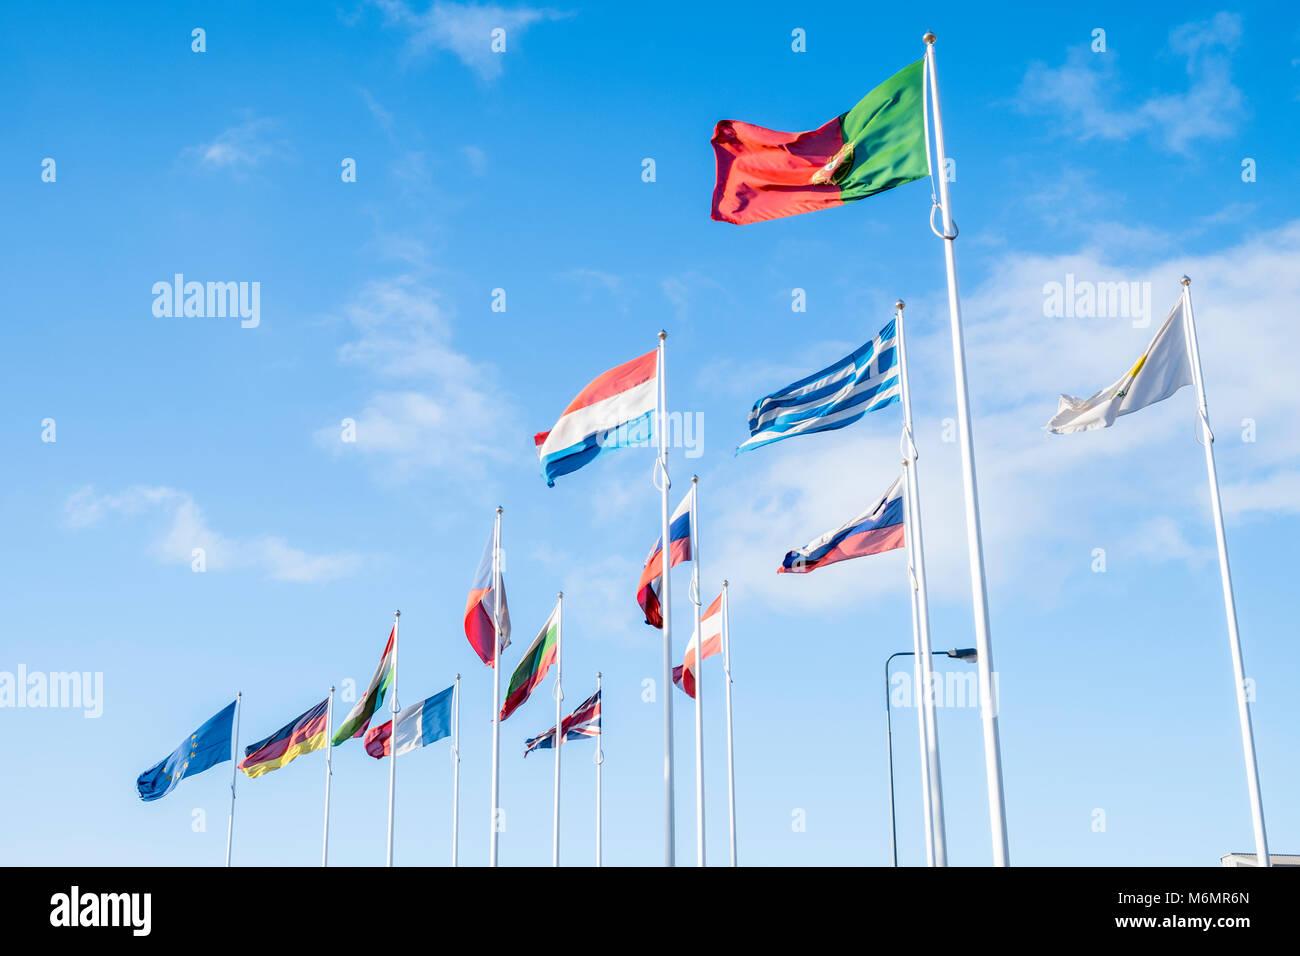 Viele Fahnen der verschiedenen Nationen der EU (Europäische Union) fliegen in den Wind vor blauem Himmel Stockbild